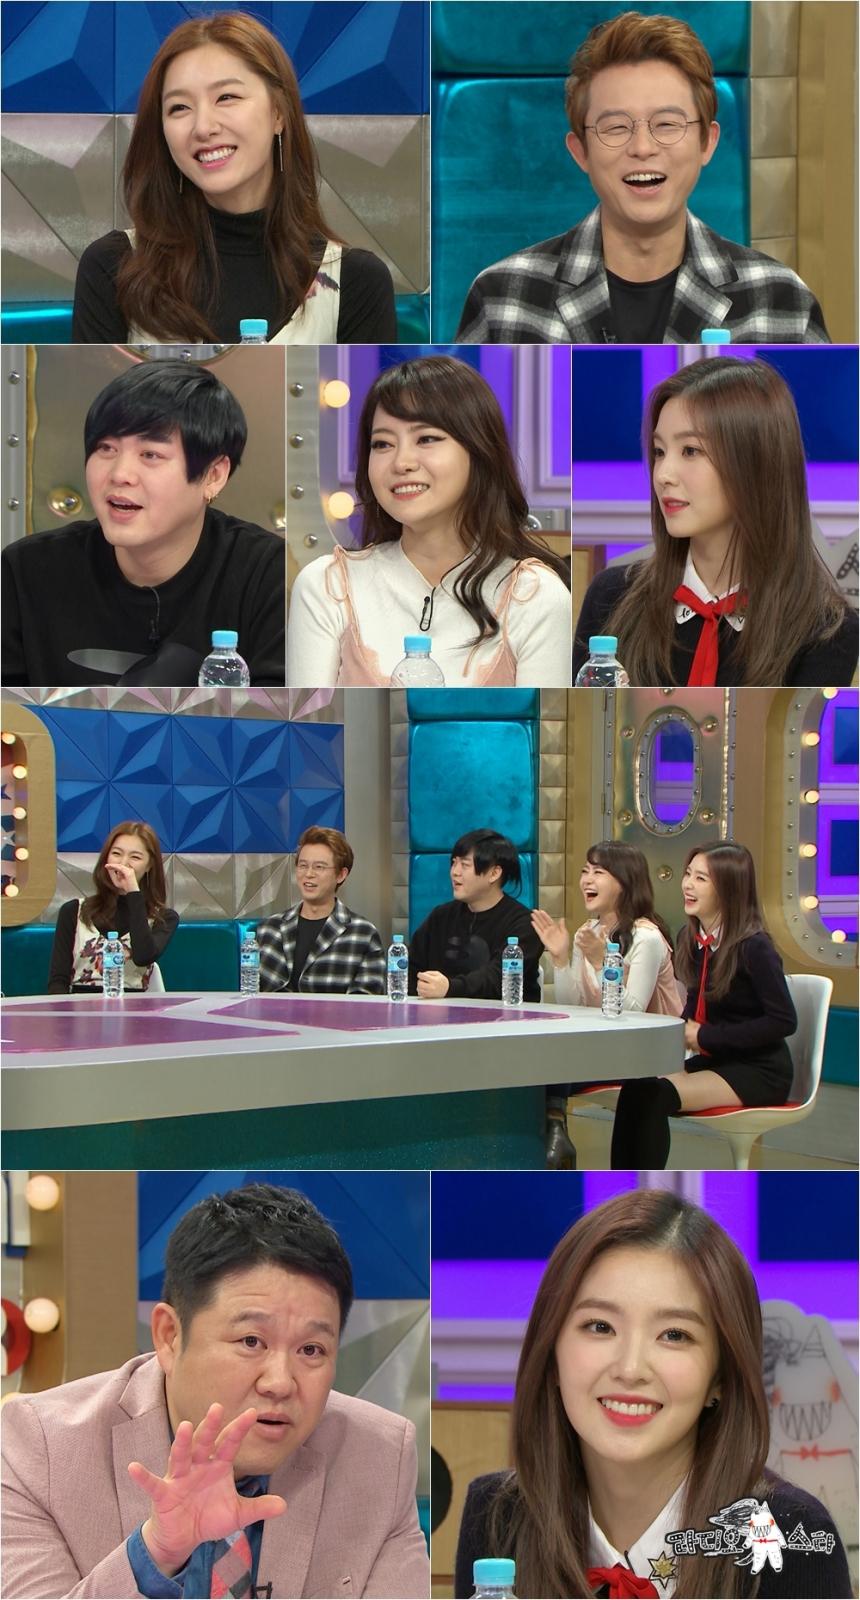 '라디오스타' 출연진 / MBC